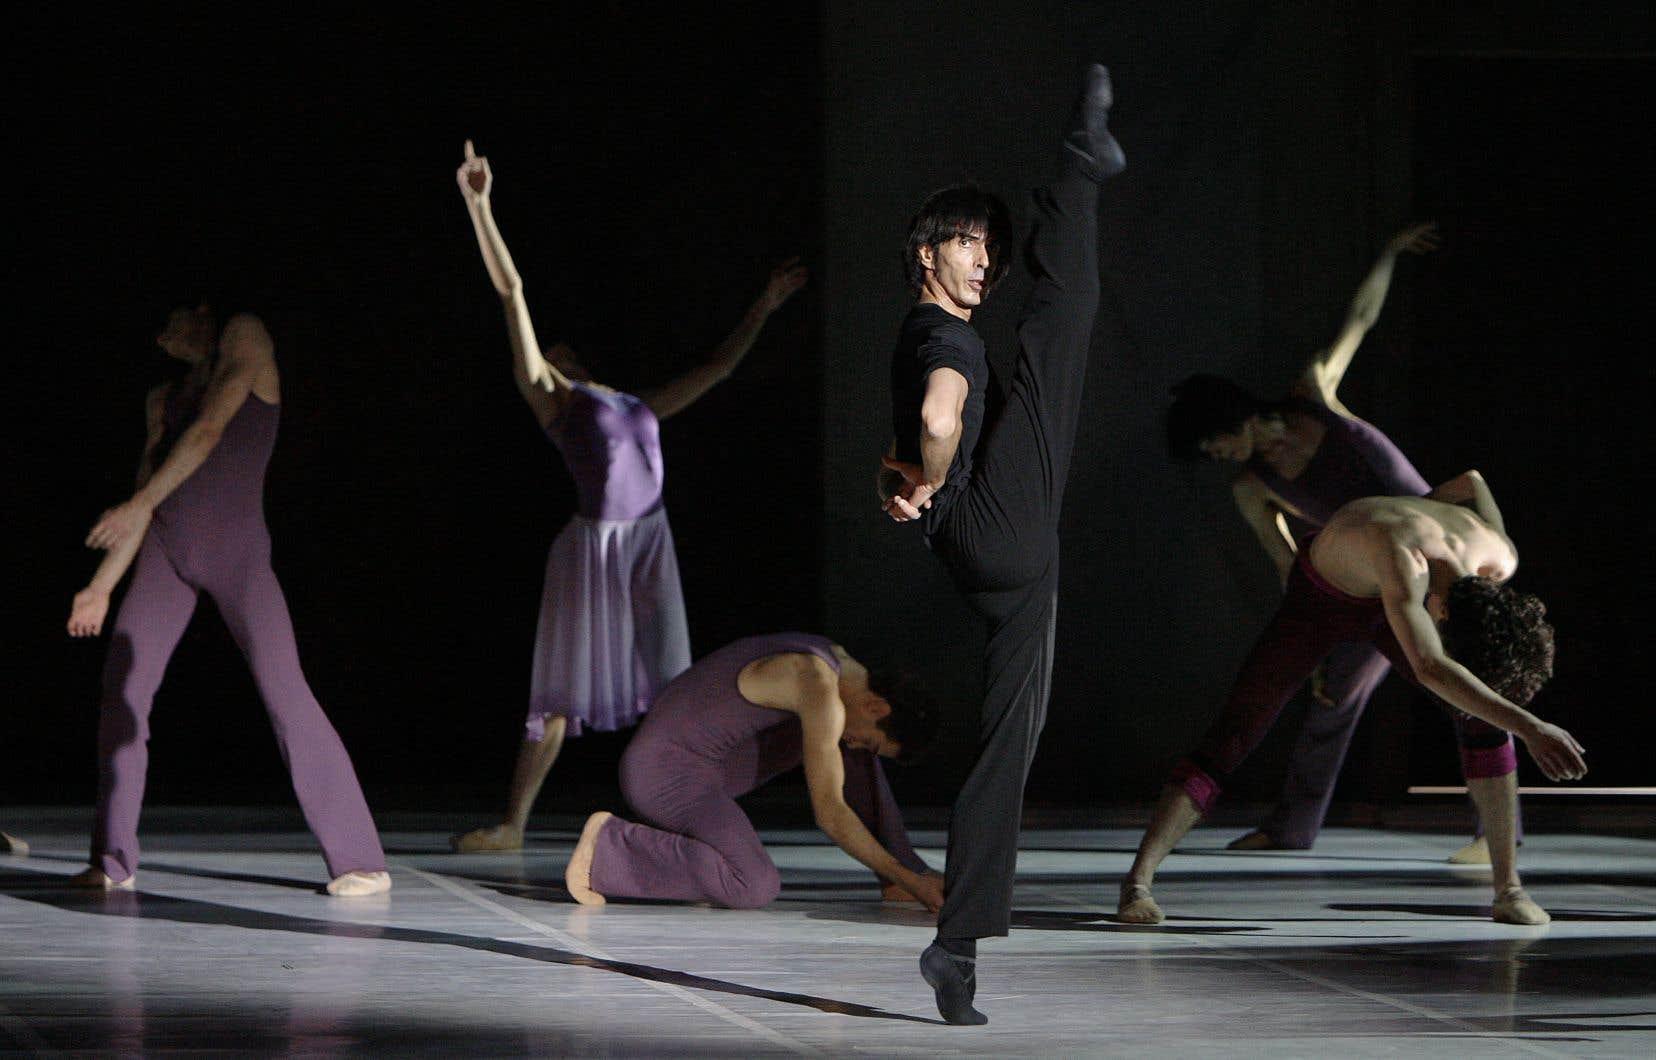 Le directeur artistique du ballet, Gil Roman, est visé par des accusations de harcèlement psychologique.